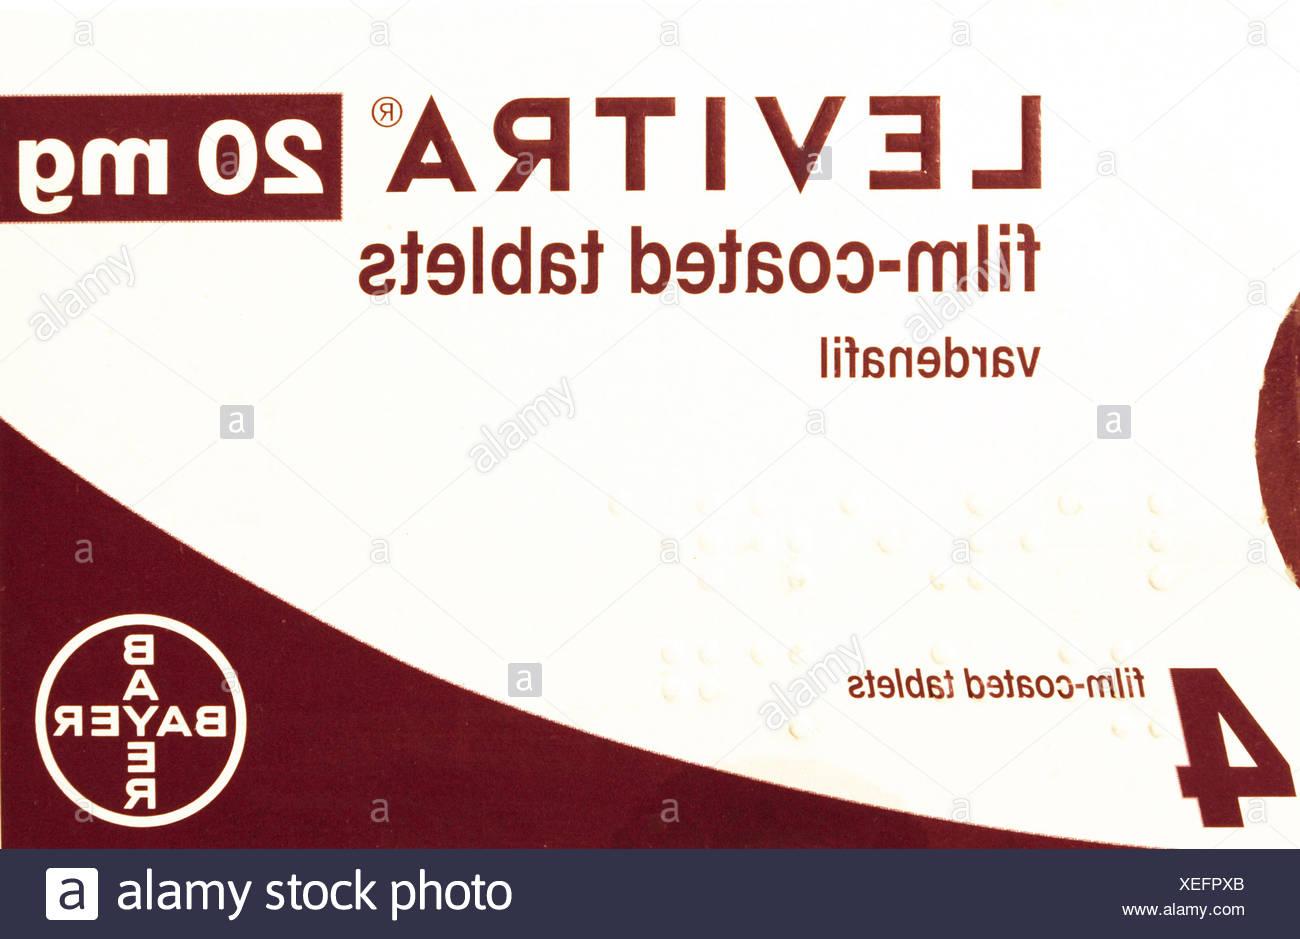 Levitra 20mg tablets, pack, vardenafil, erectile dysfunction tablet, cure, prescription drug, drugs medicine medicines viagra - Stock Image